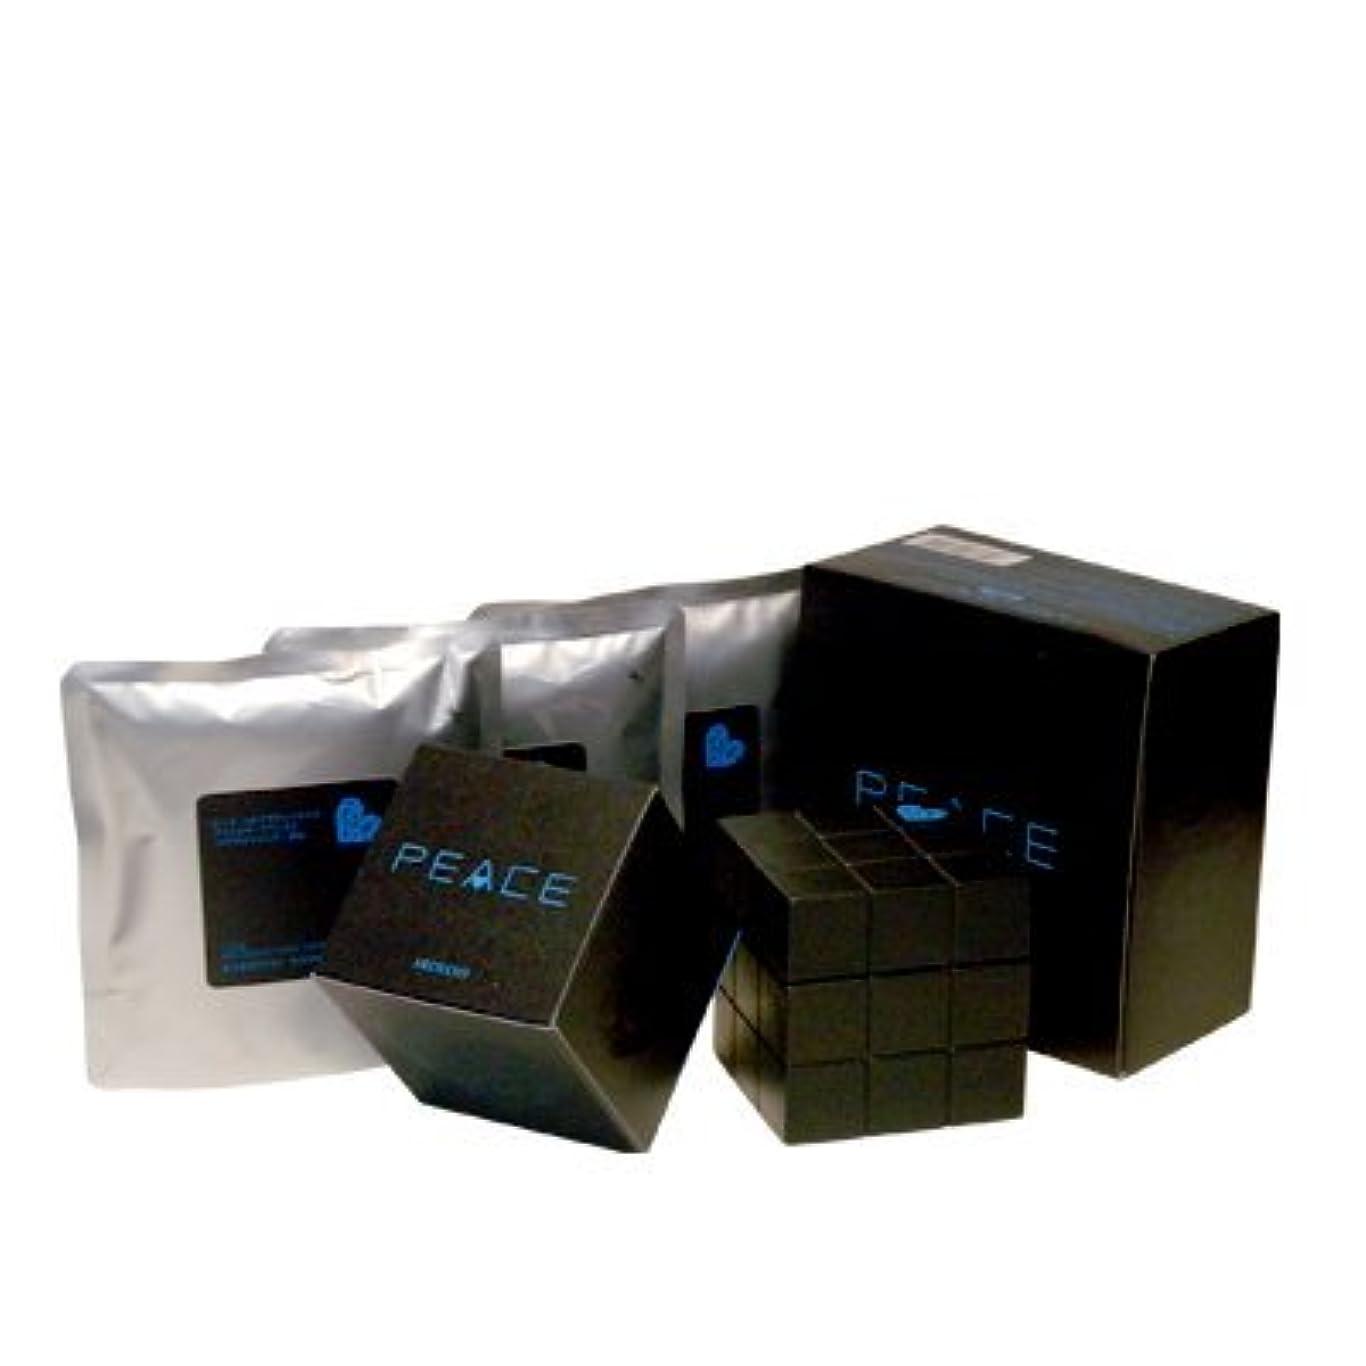 先に城ぼかしアリミノ ピース プロデザインシリーズ フリーズキープワックス ブラック80g+詰め替え80g×3